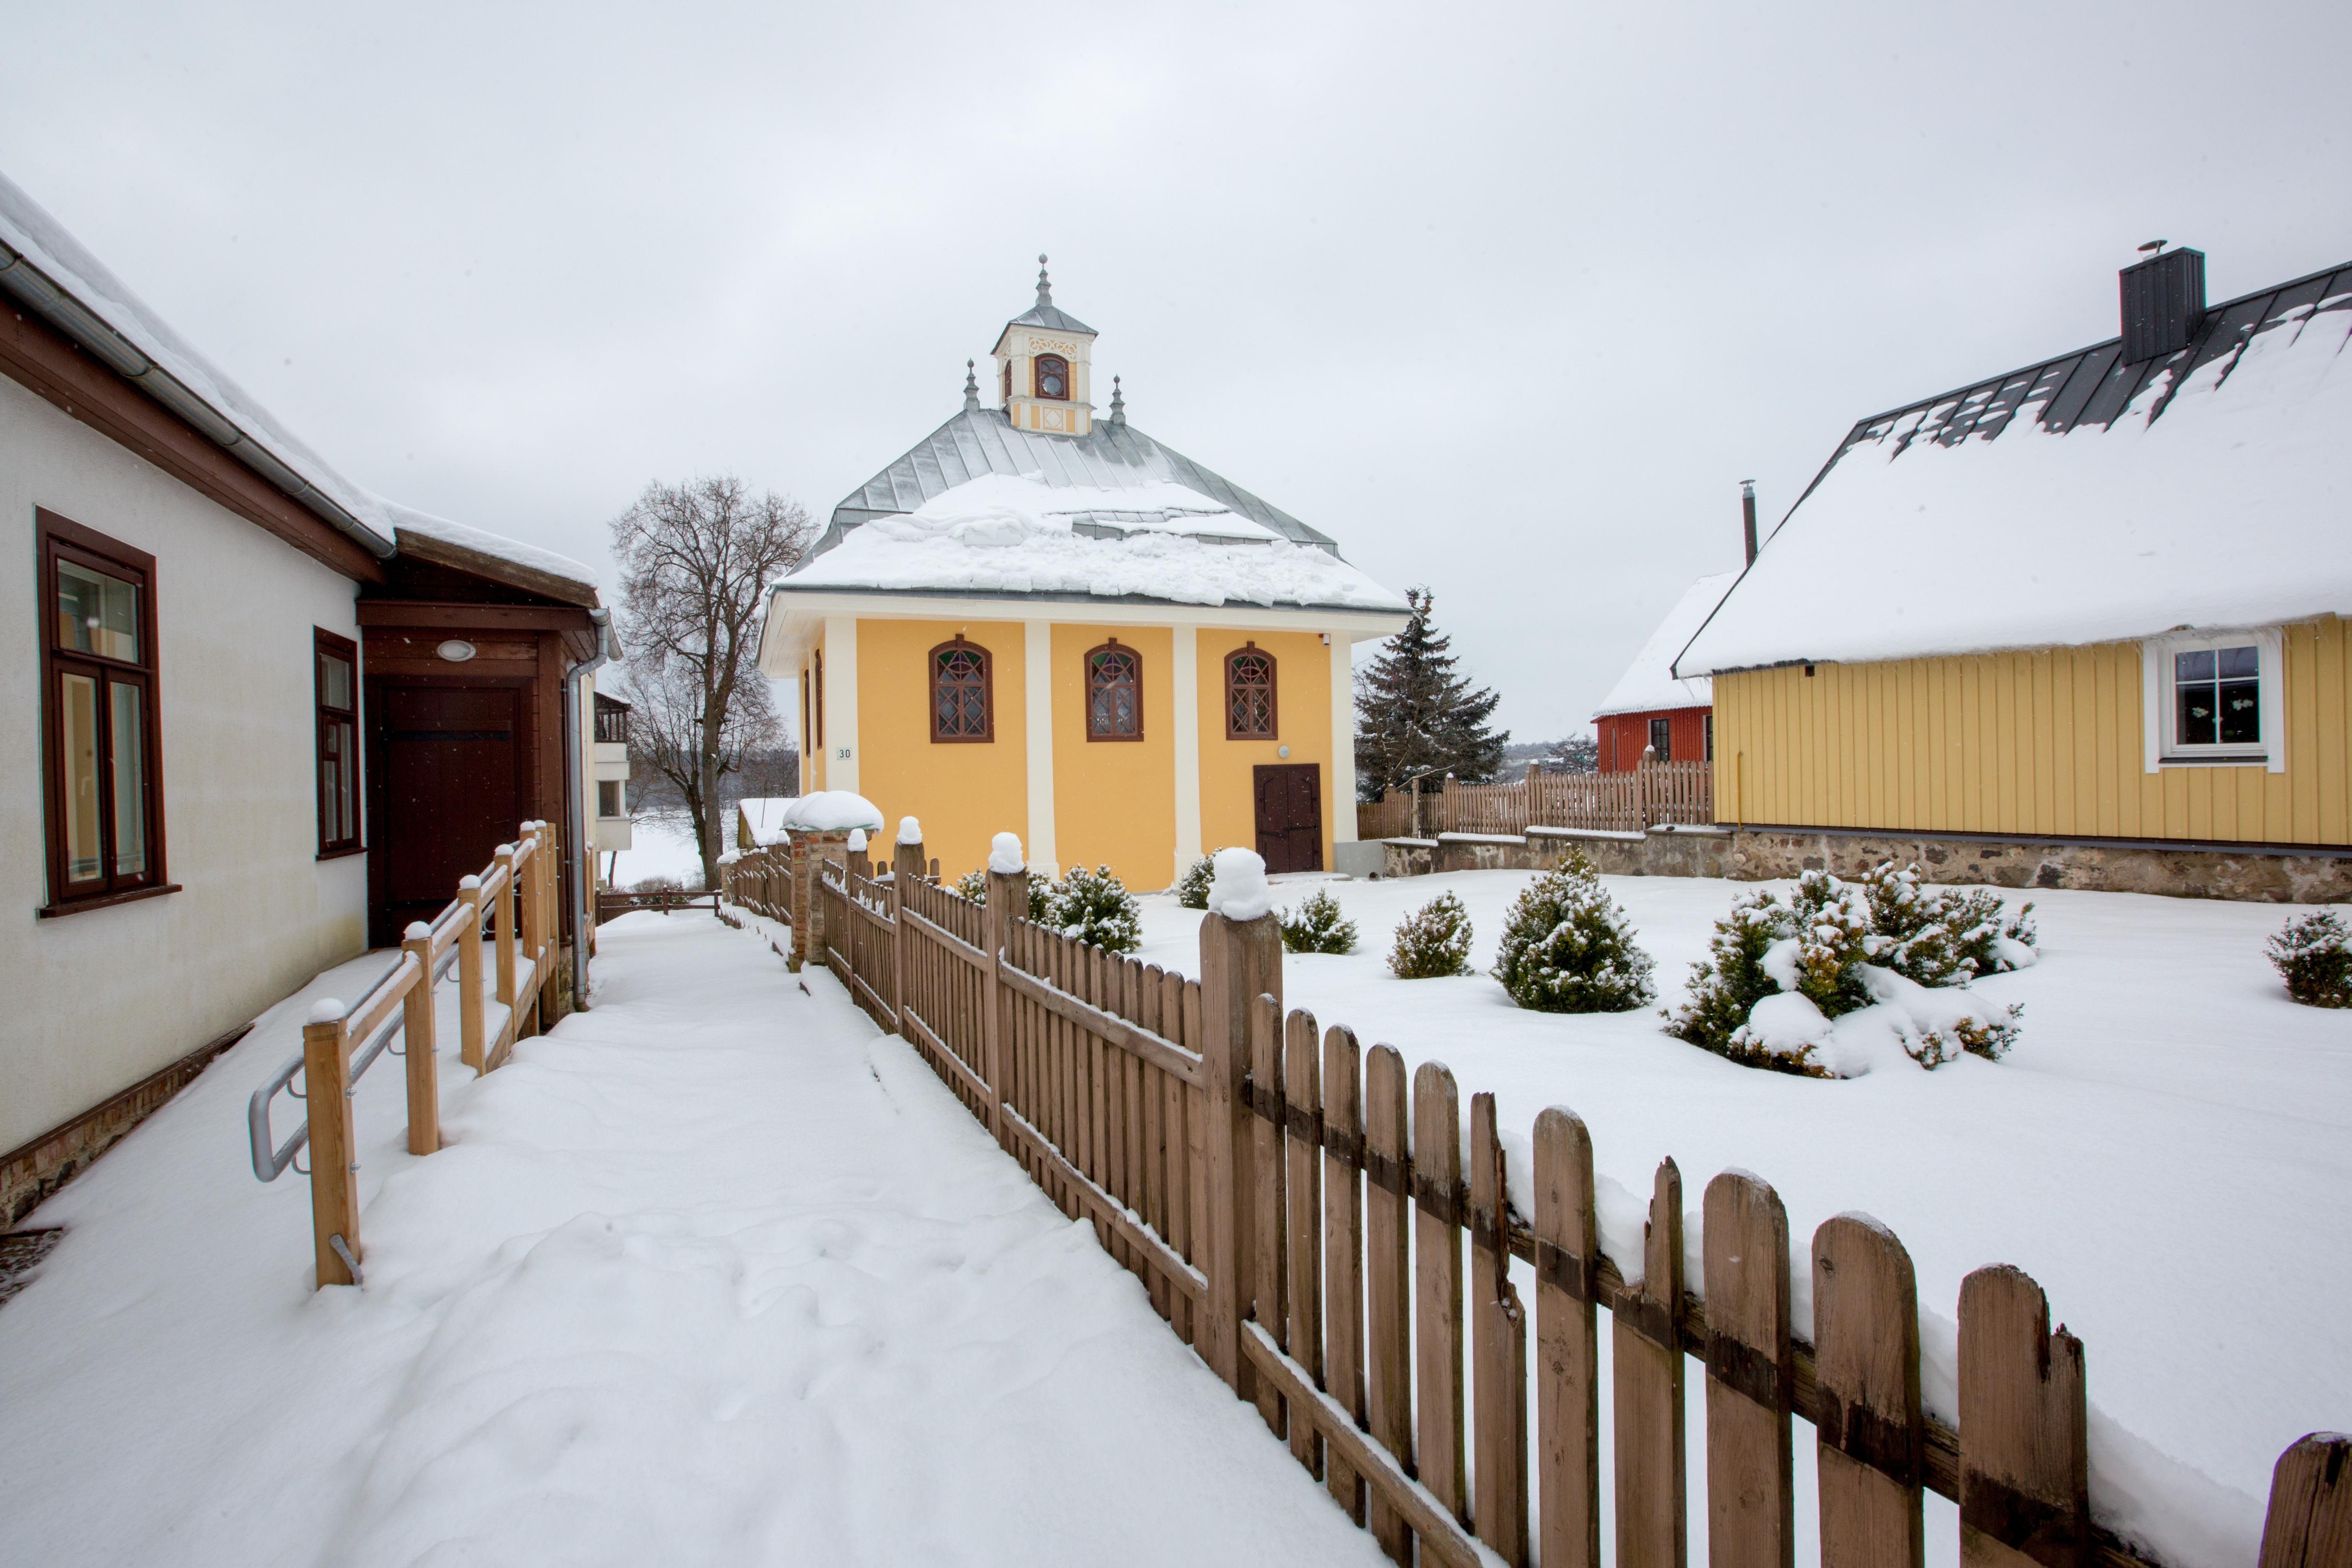 Karaimų maldos namai yra vadinami kenesomis, o seniausia tokia Lietuvoje įsikūrusi Trakuose. Pirmoji kenesa čia išdygo dar XV a., tačiau medinis pastatas ne kartą kentėjo nuo ugnies, taigi kelissyk buvo atstatomas, rekonstruojamas. Statinys yra unikalios architektūros – kvadrato formos su keturšlaičiu dviejų pakopų stogu, o pastato fasadas – asimetriškas.